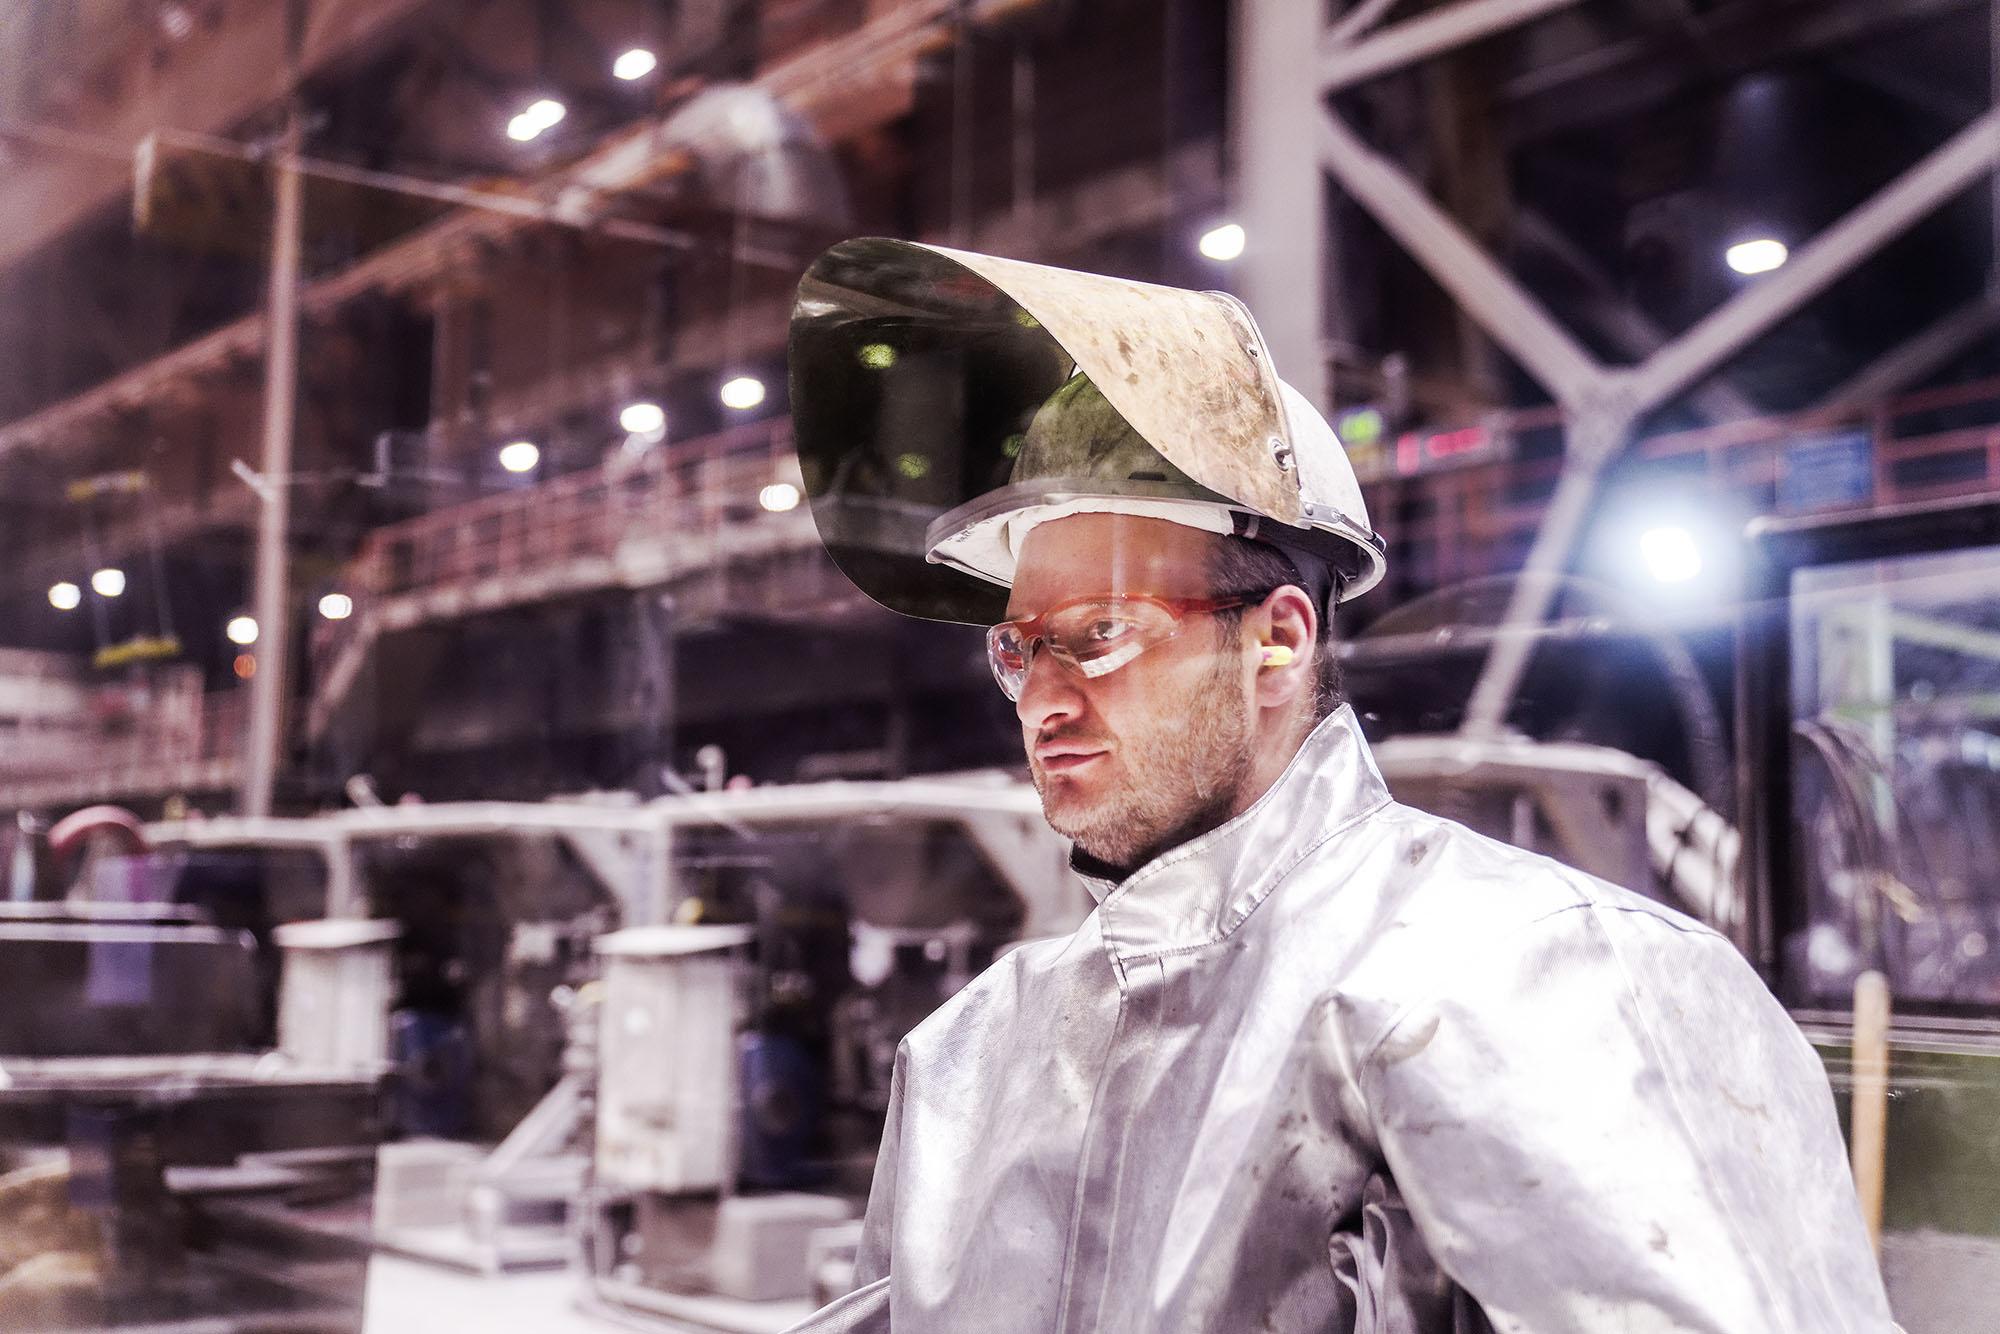 wolfram-schroll_Industriefotografie_vdm19_01